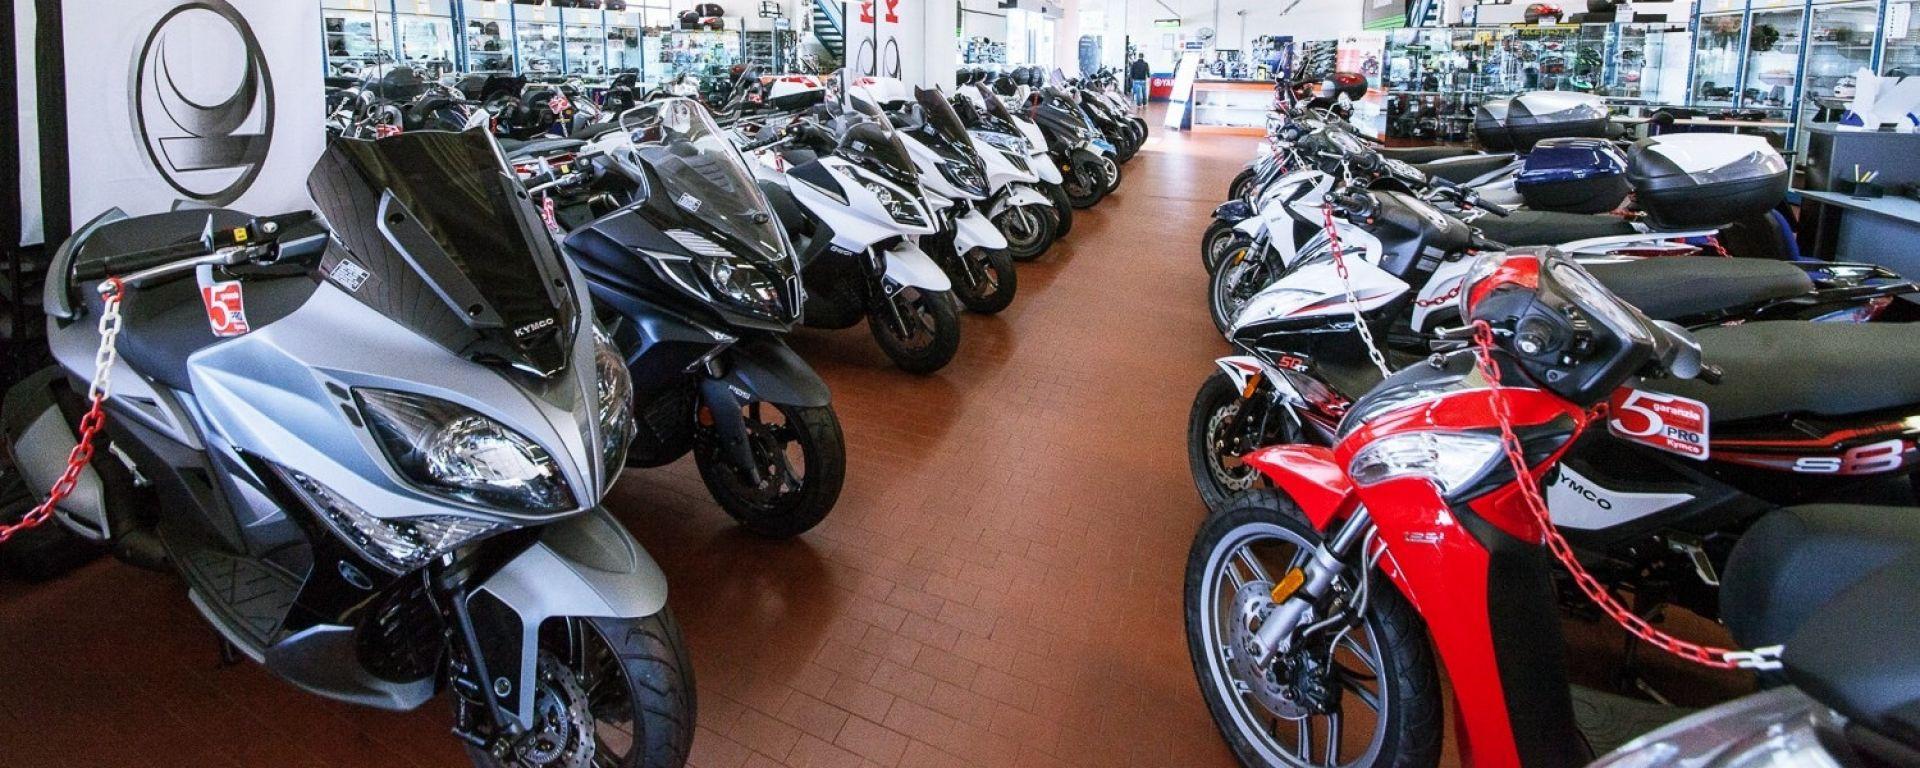 Mercato dell'usato: le moto volano al +37,6%